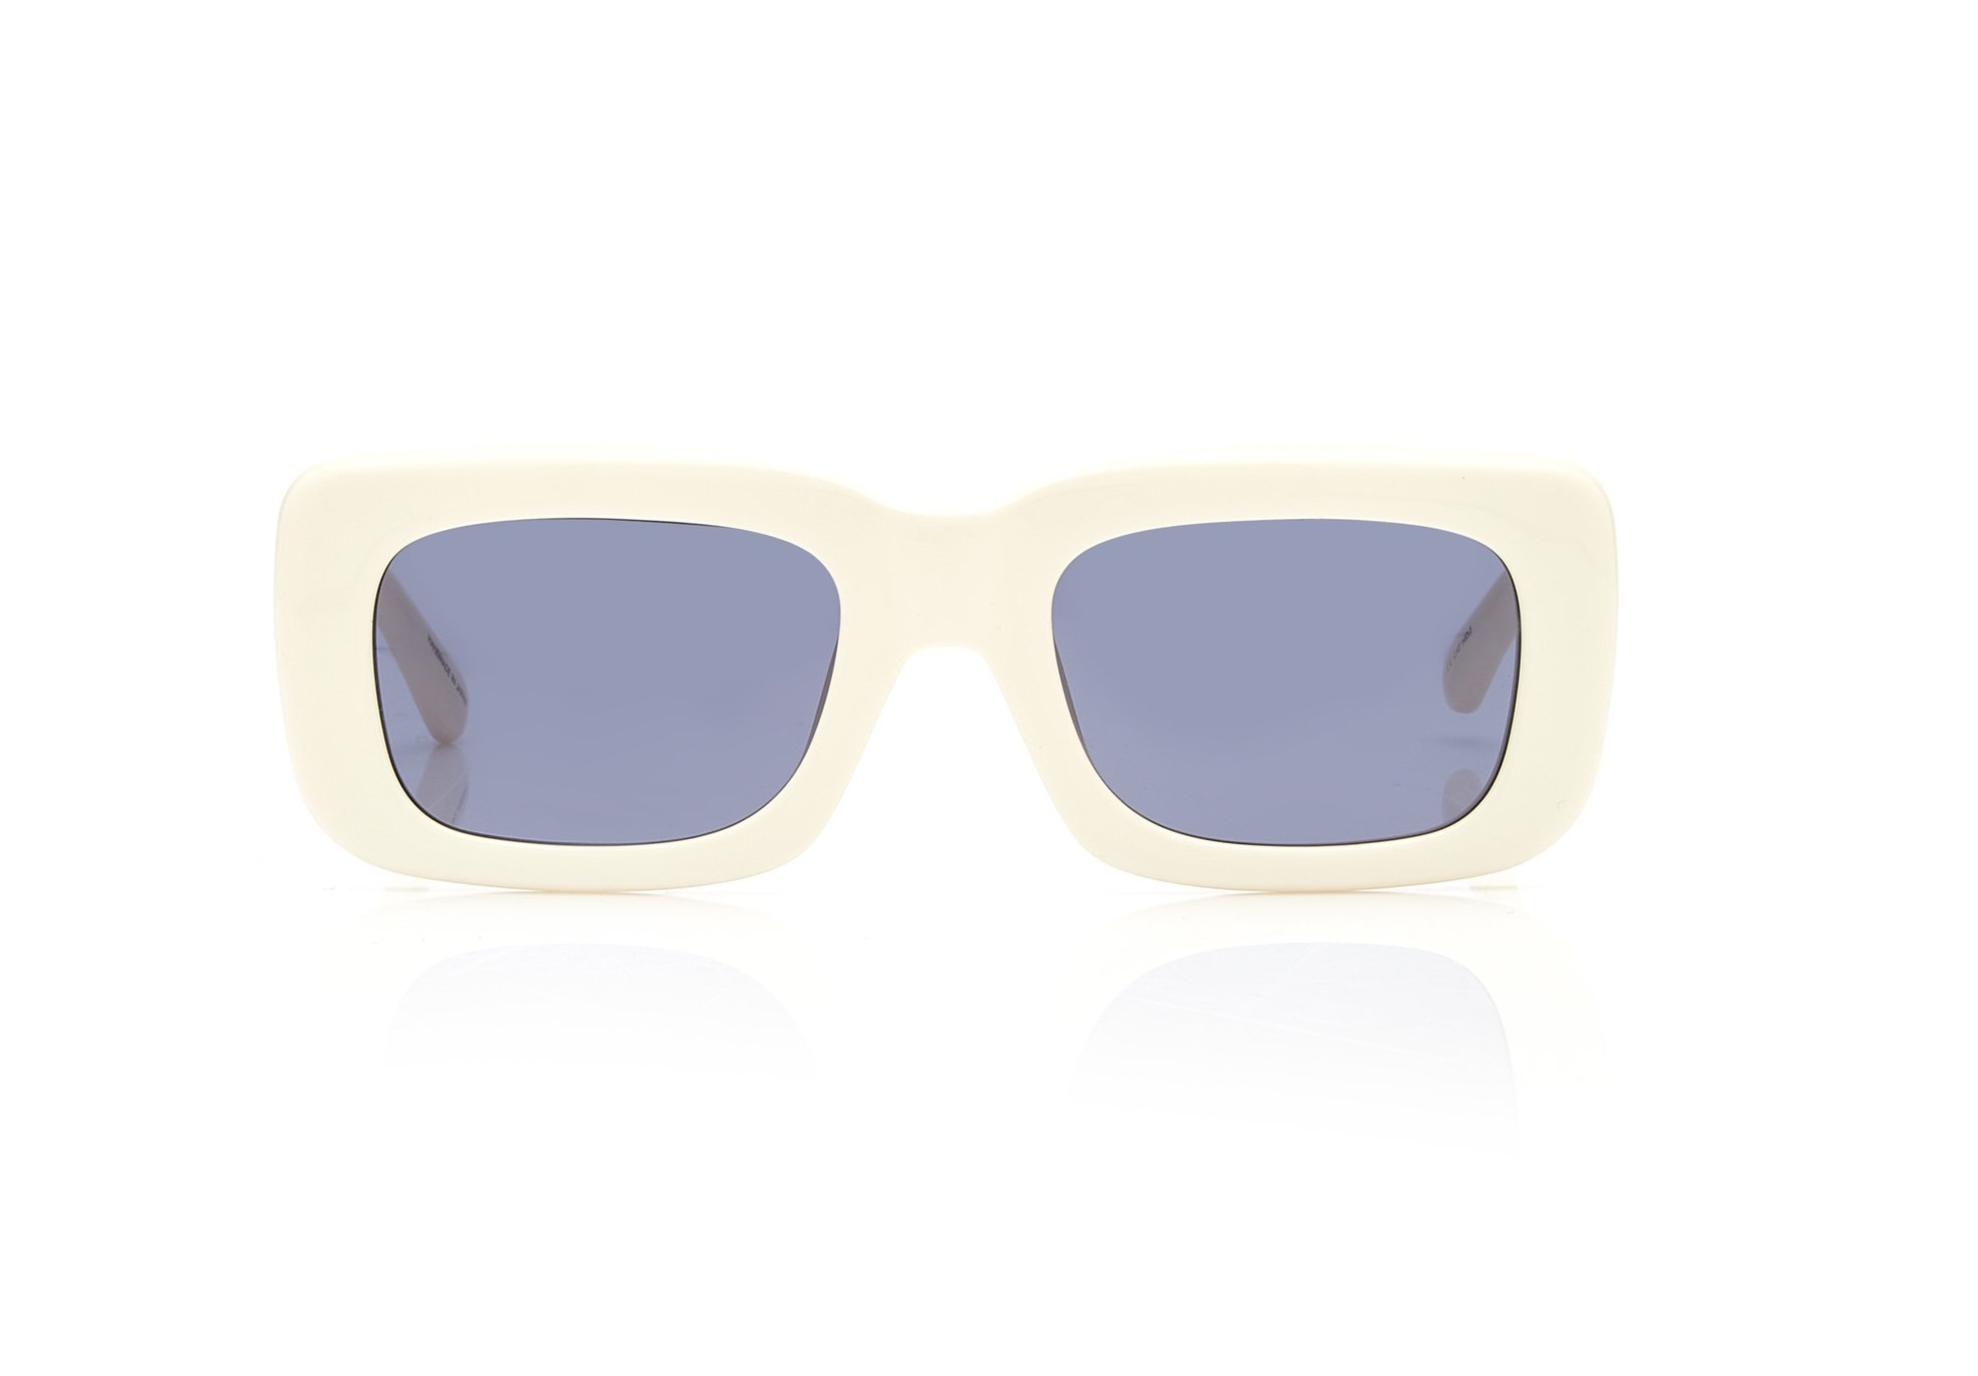 attico-originals-sunglasses-ss-21-edit